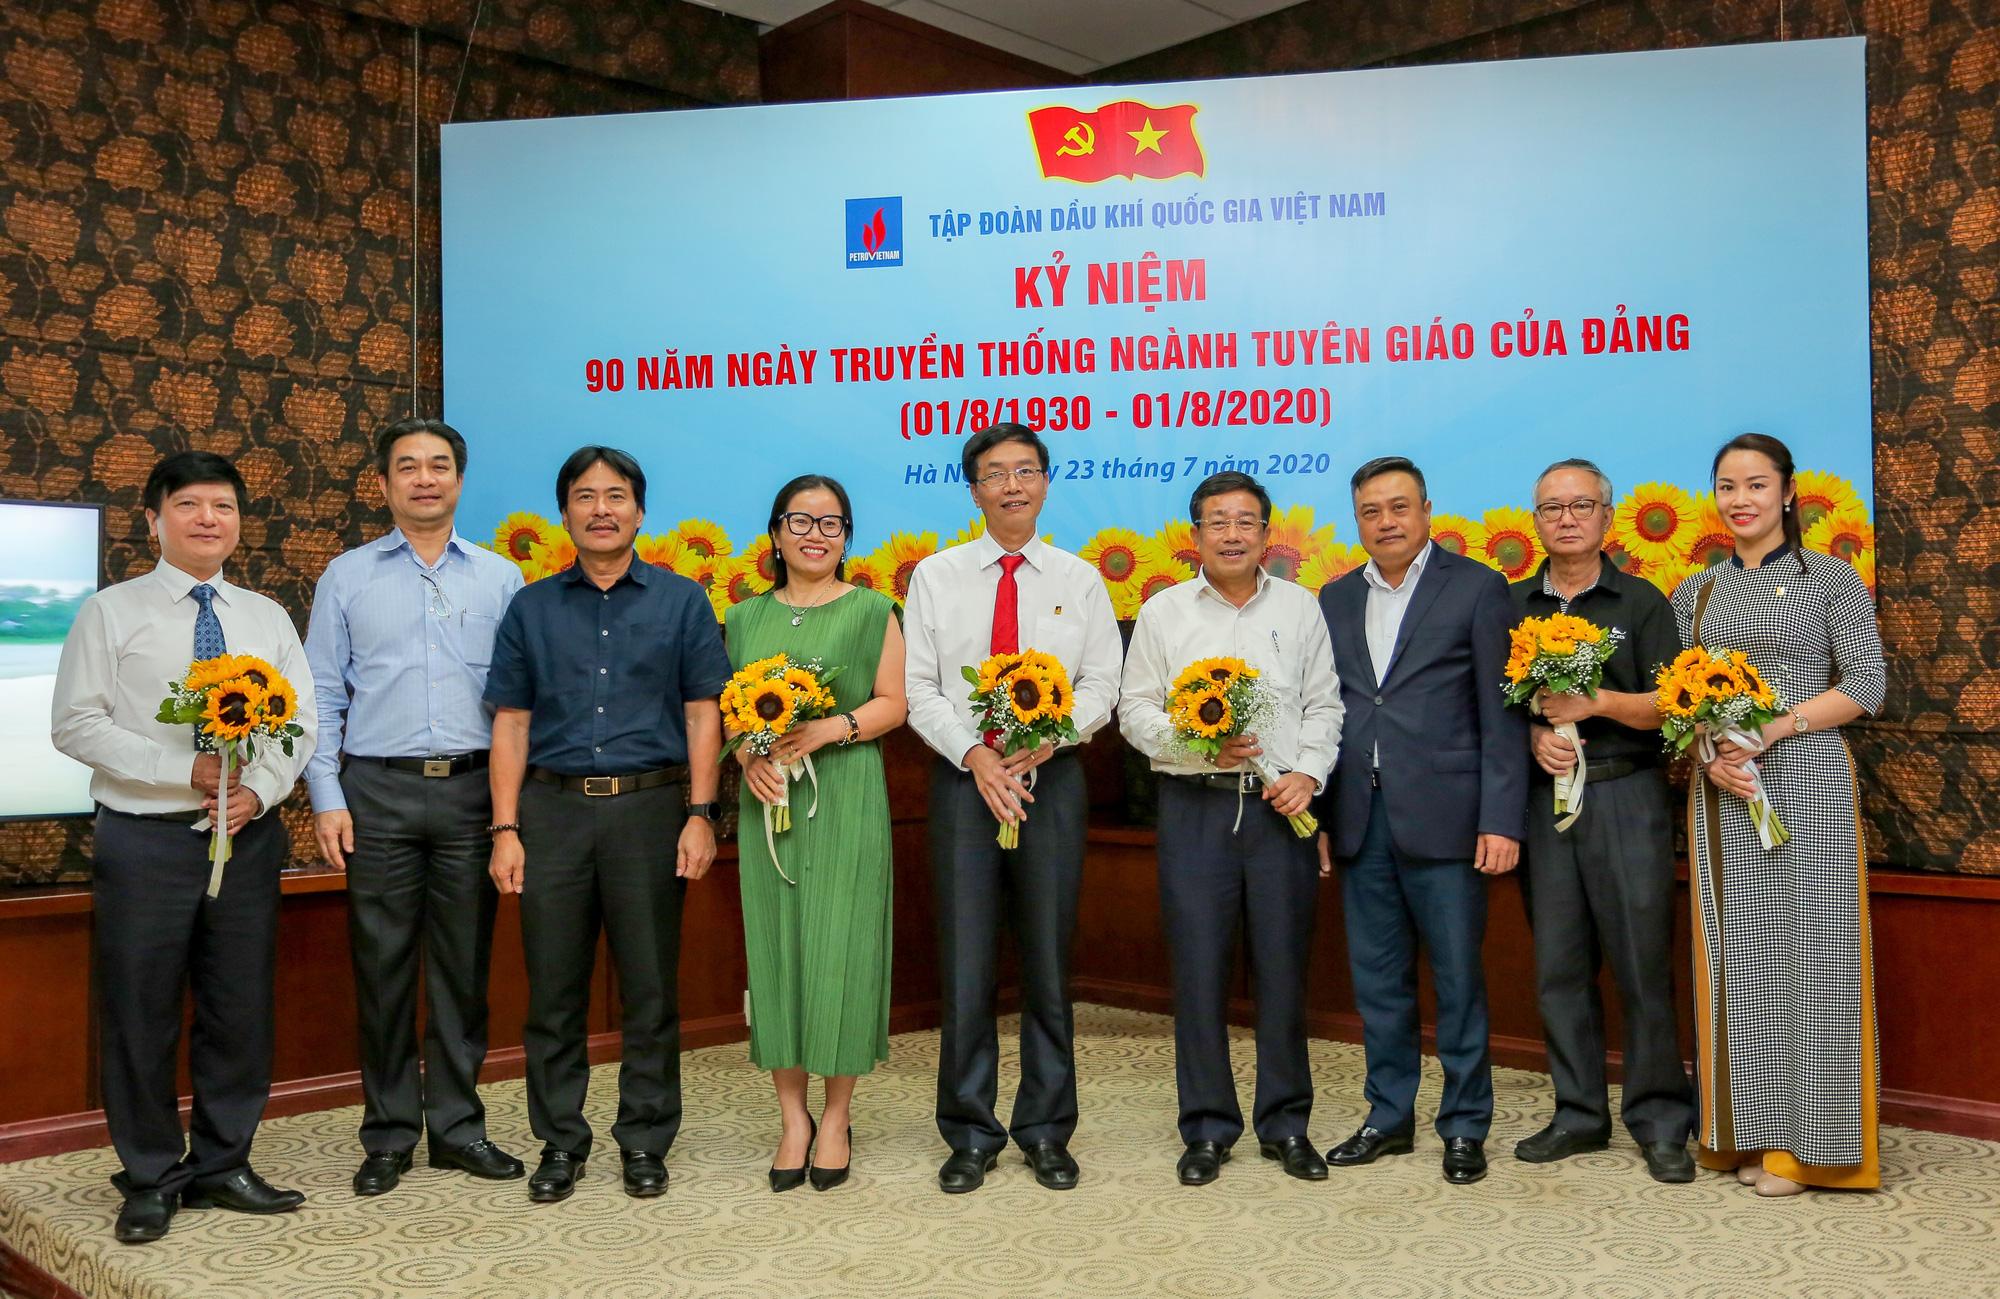 Bộ Quy chế quản trị nội bộ Tập đoàn Dầu khí Quốc gia Việt Nam ra đời là dấu mốc quan trọng - Ảnh 2.